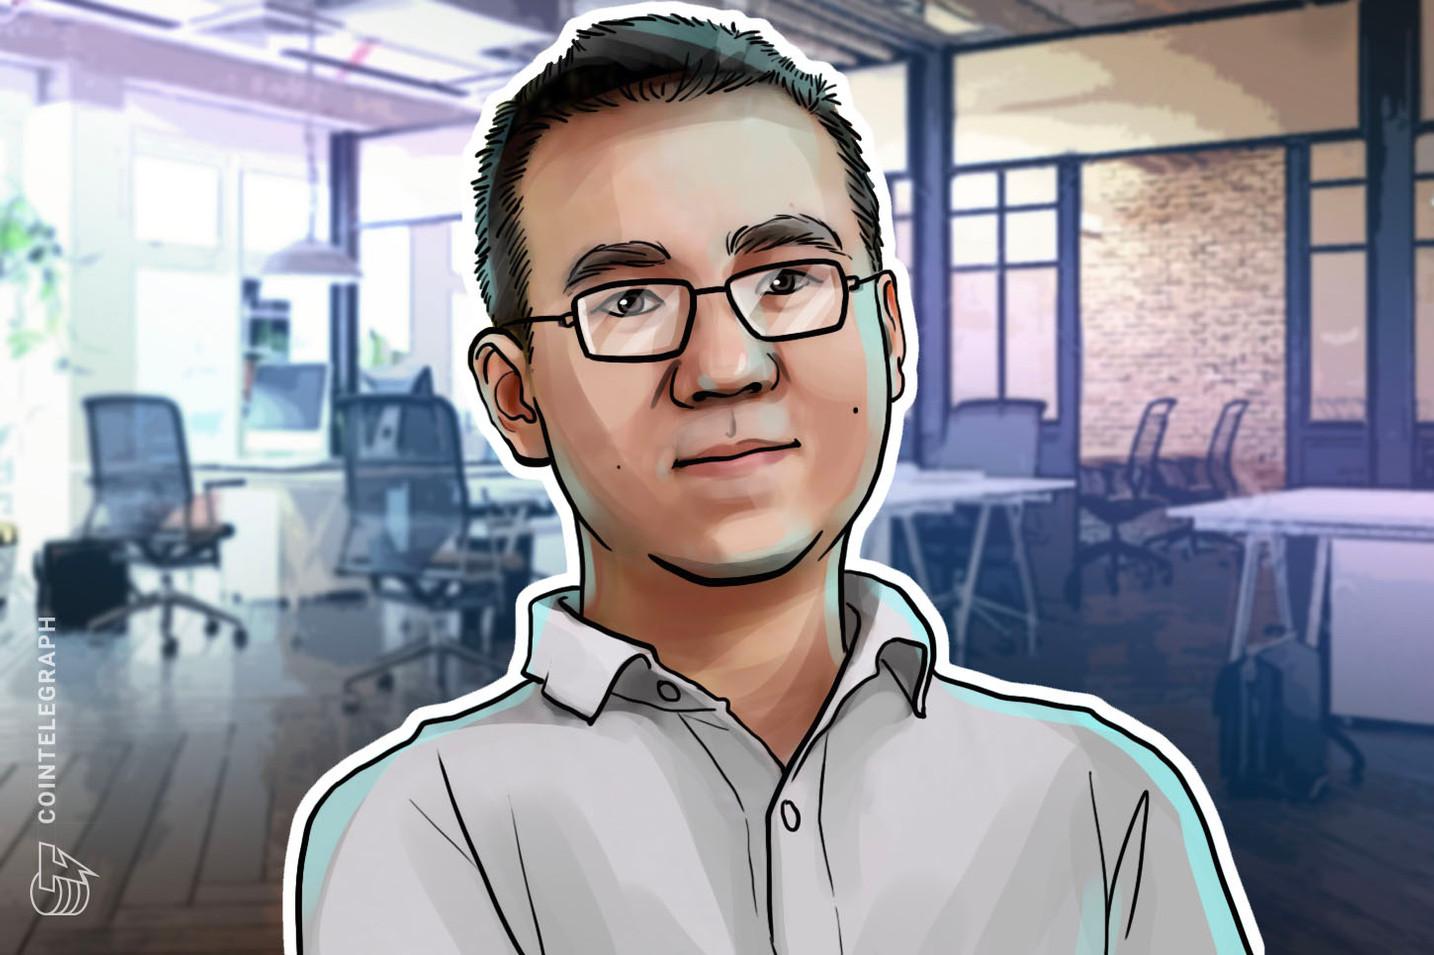 Il CEO Bitmain annuncia di aver lasciato la società… con un messaggio criptato